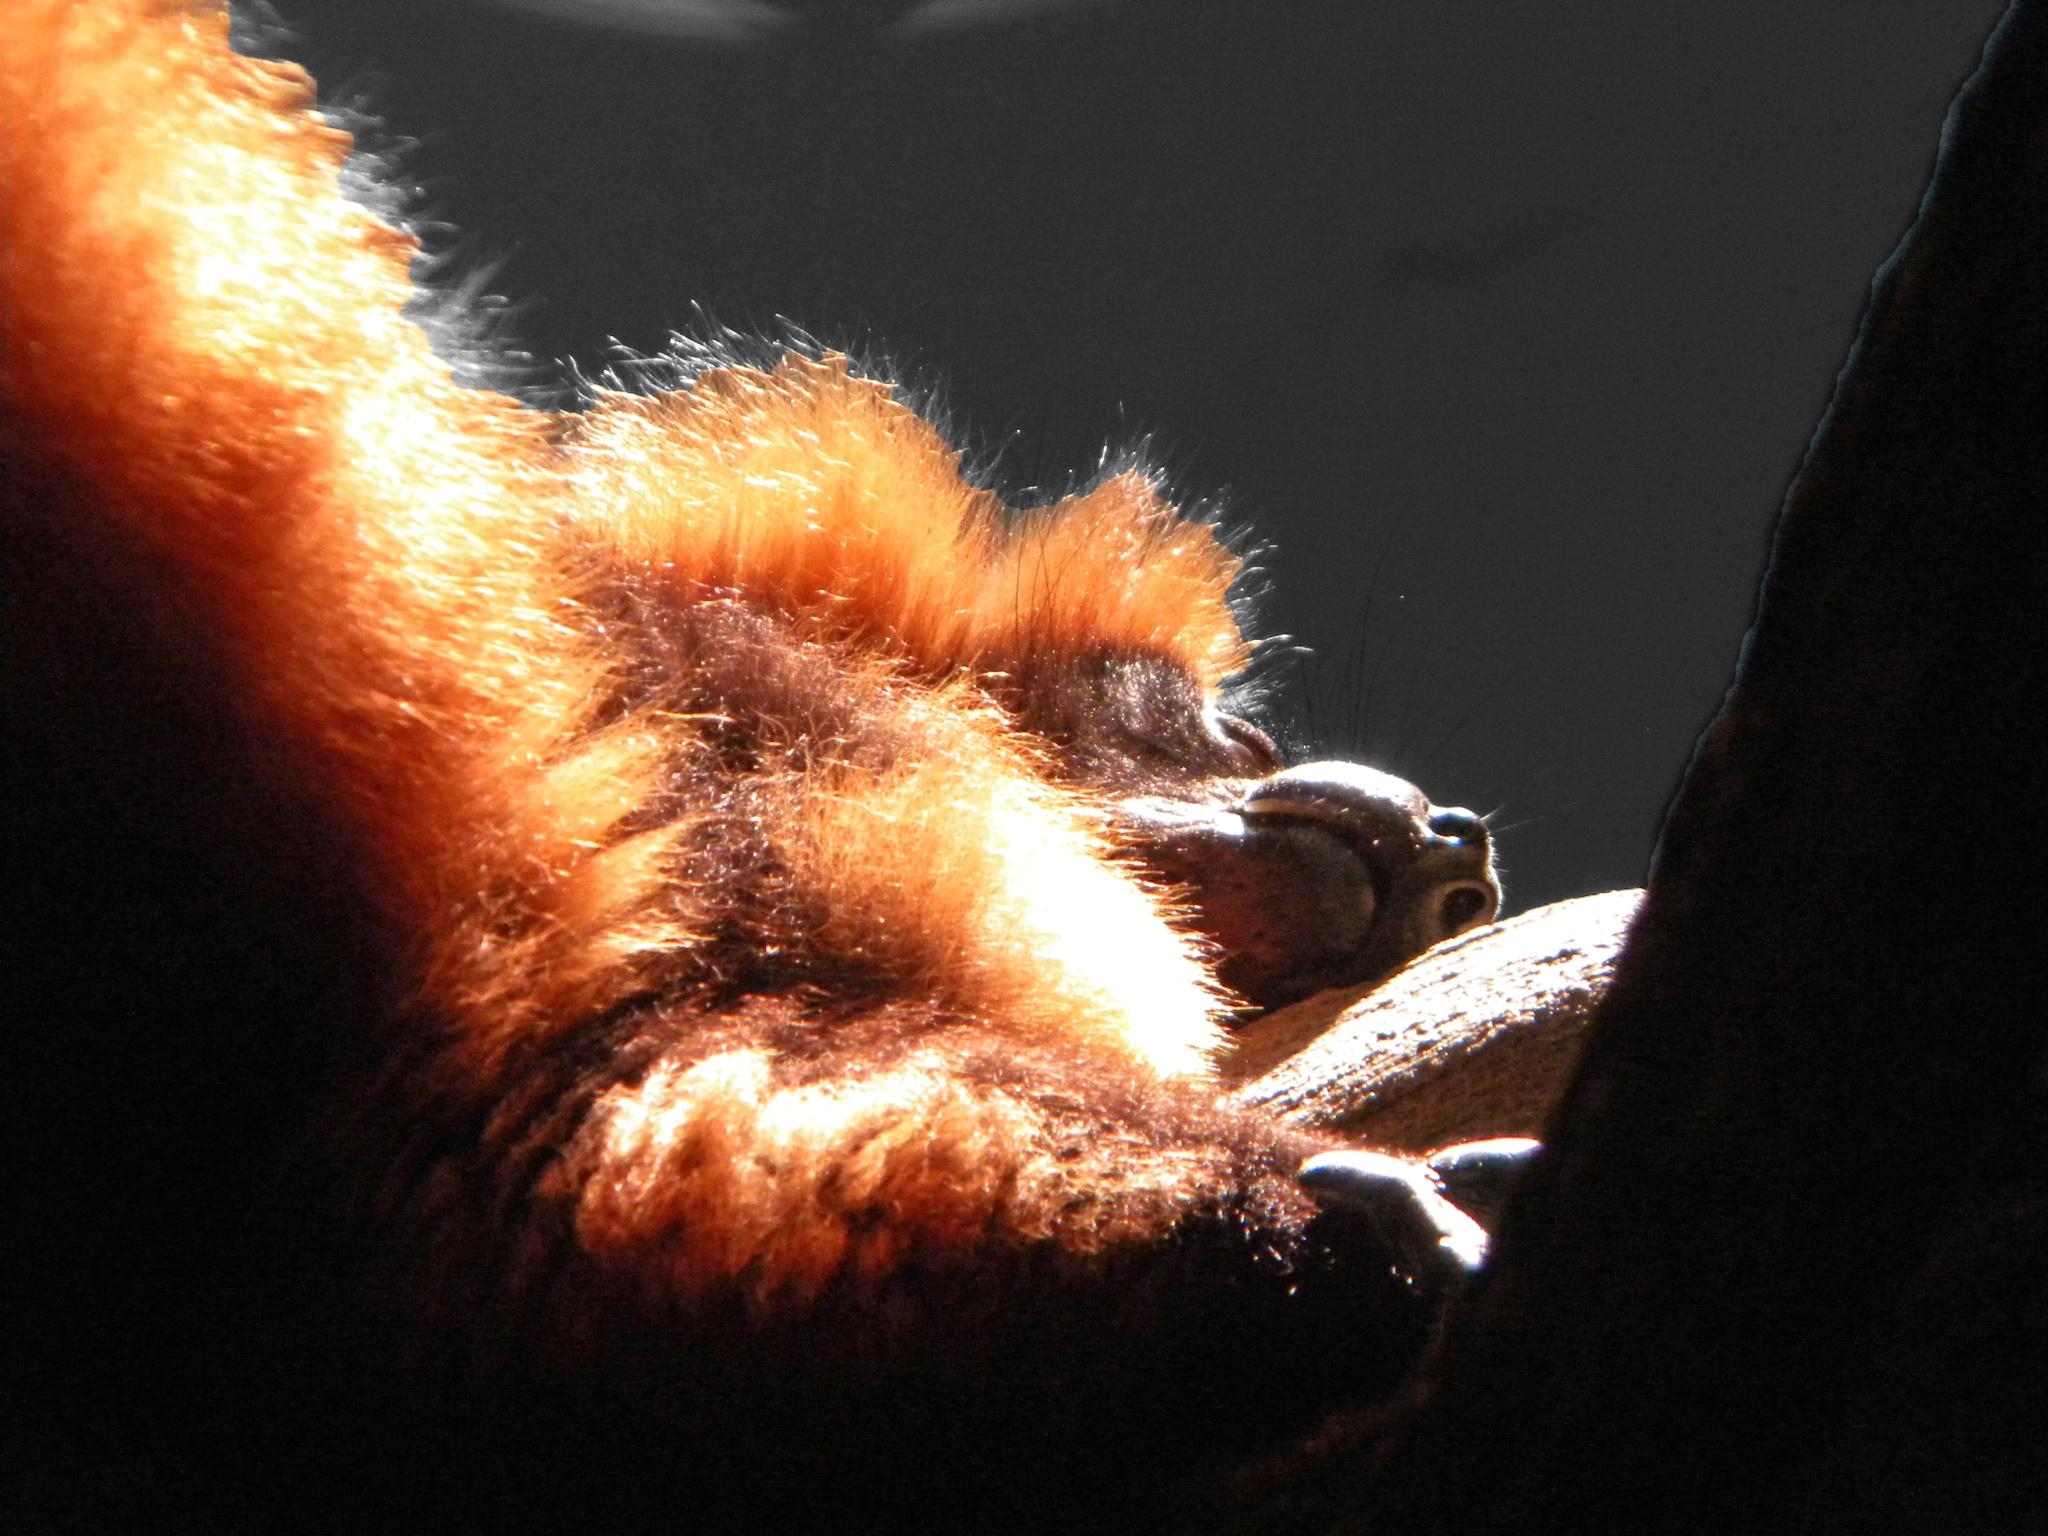 Lemur Nap by Phillip W. Strunk